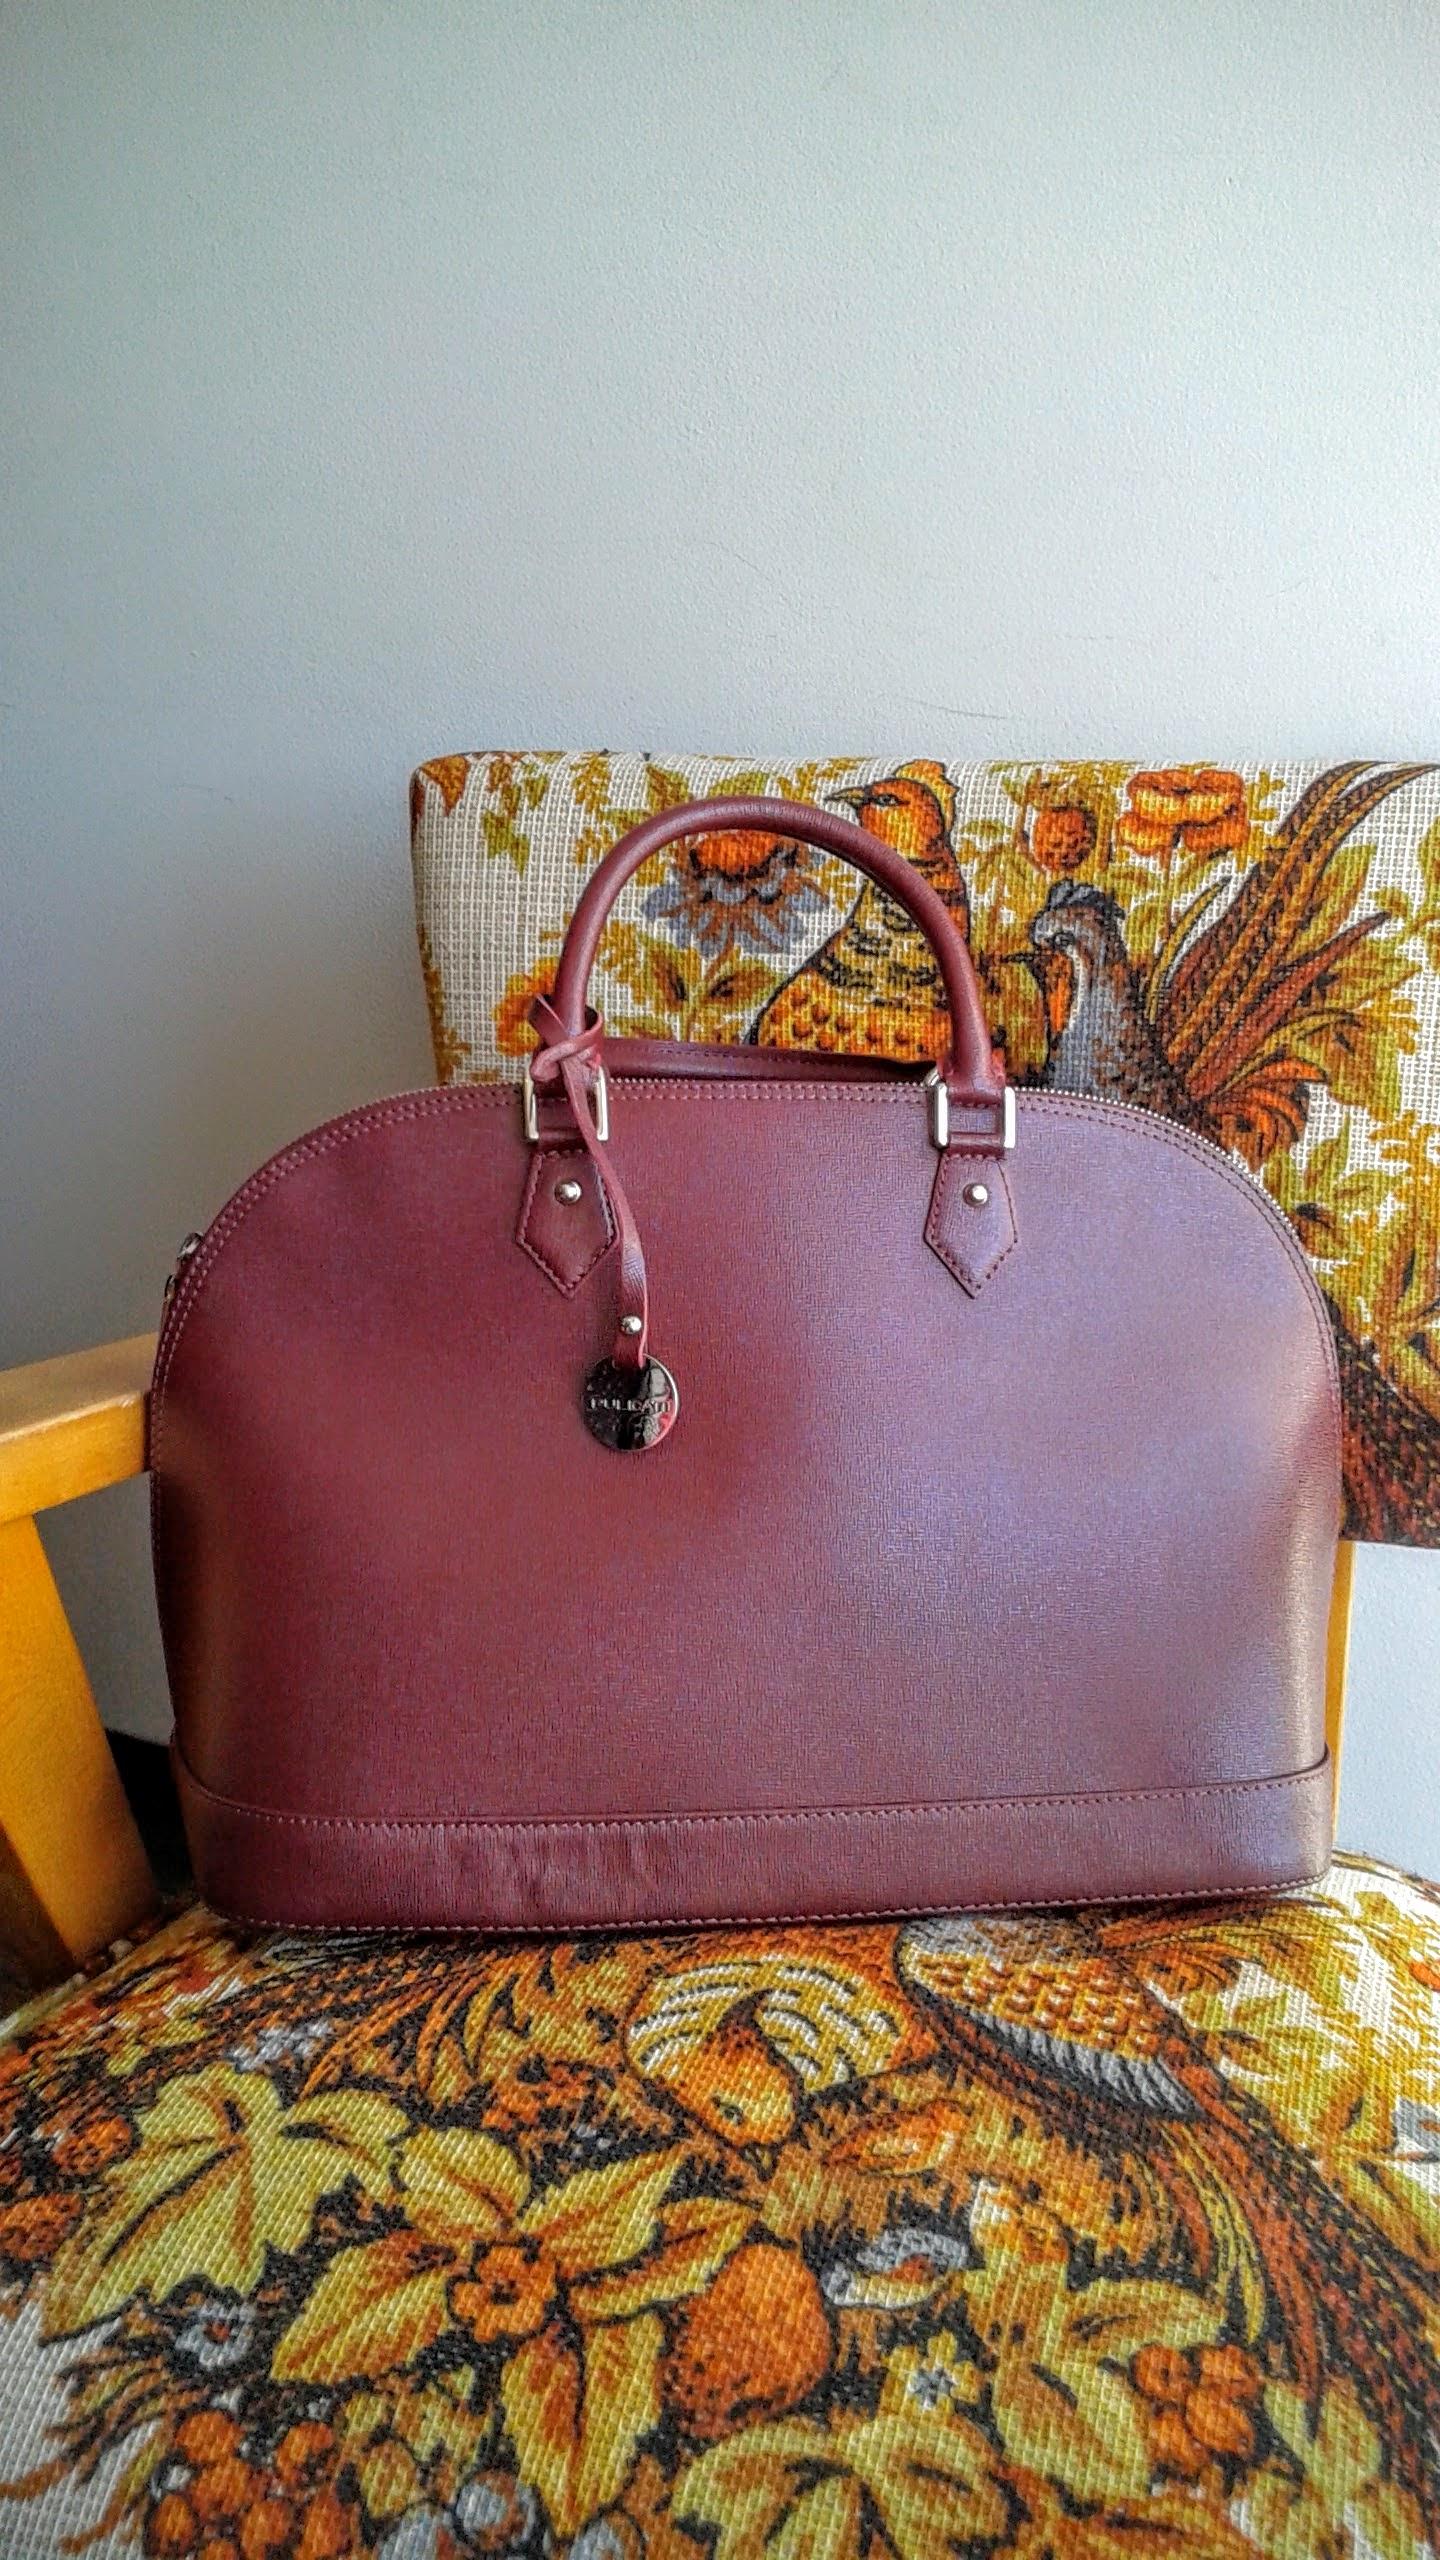 Pulicati purse; $175